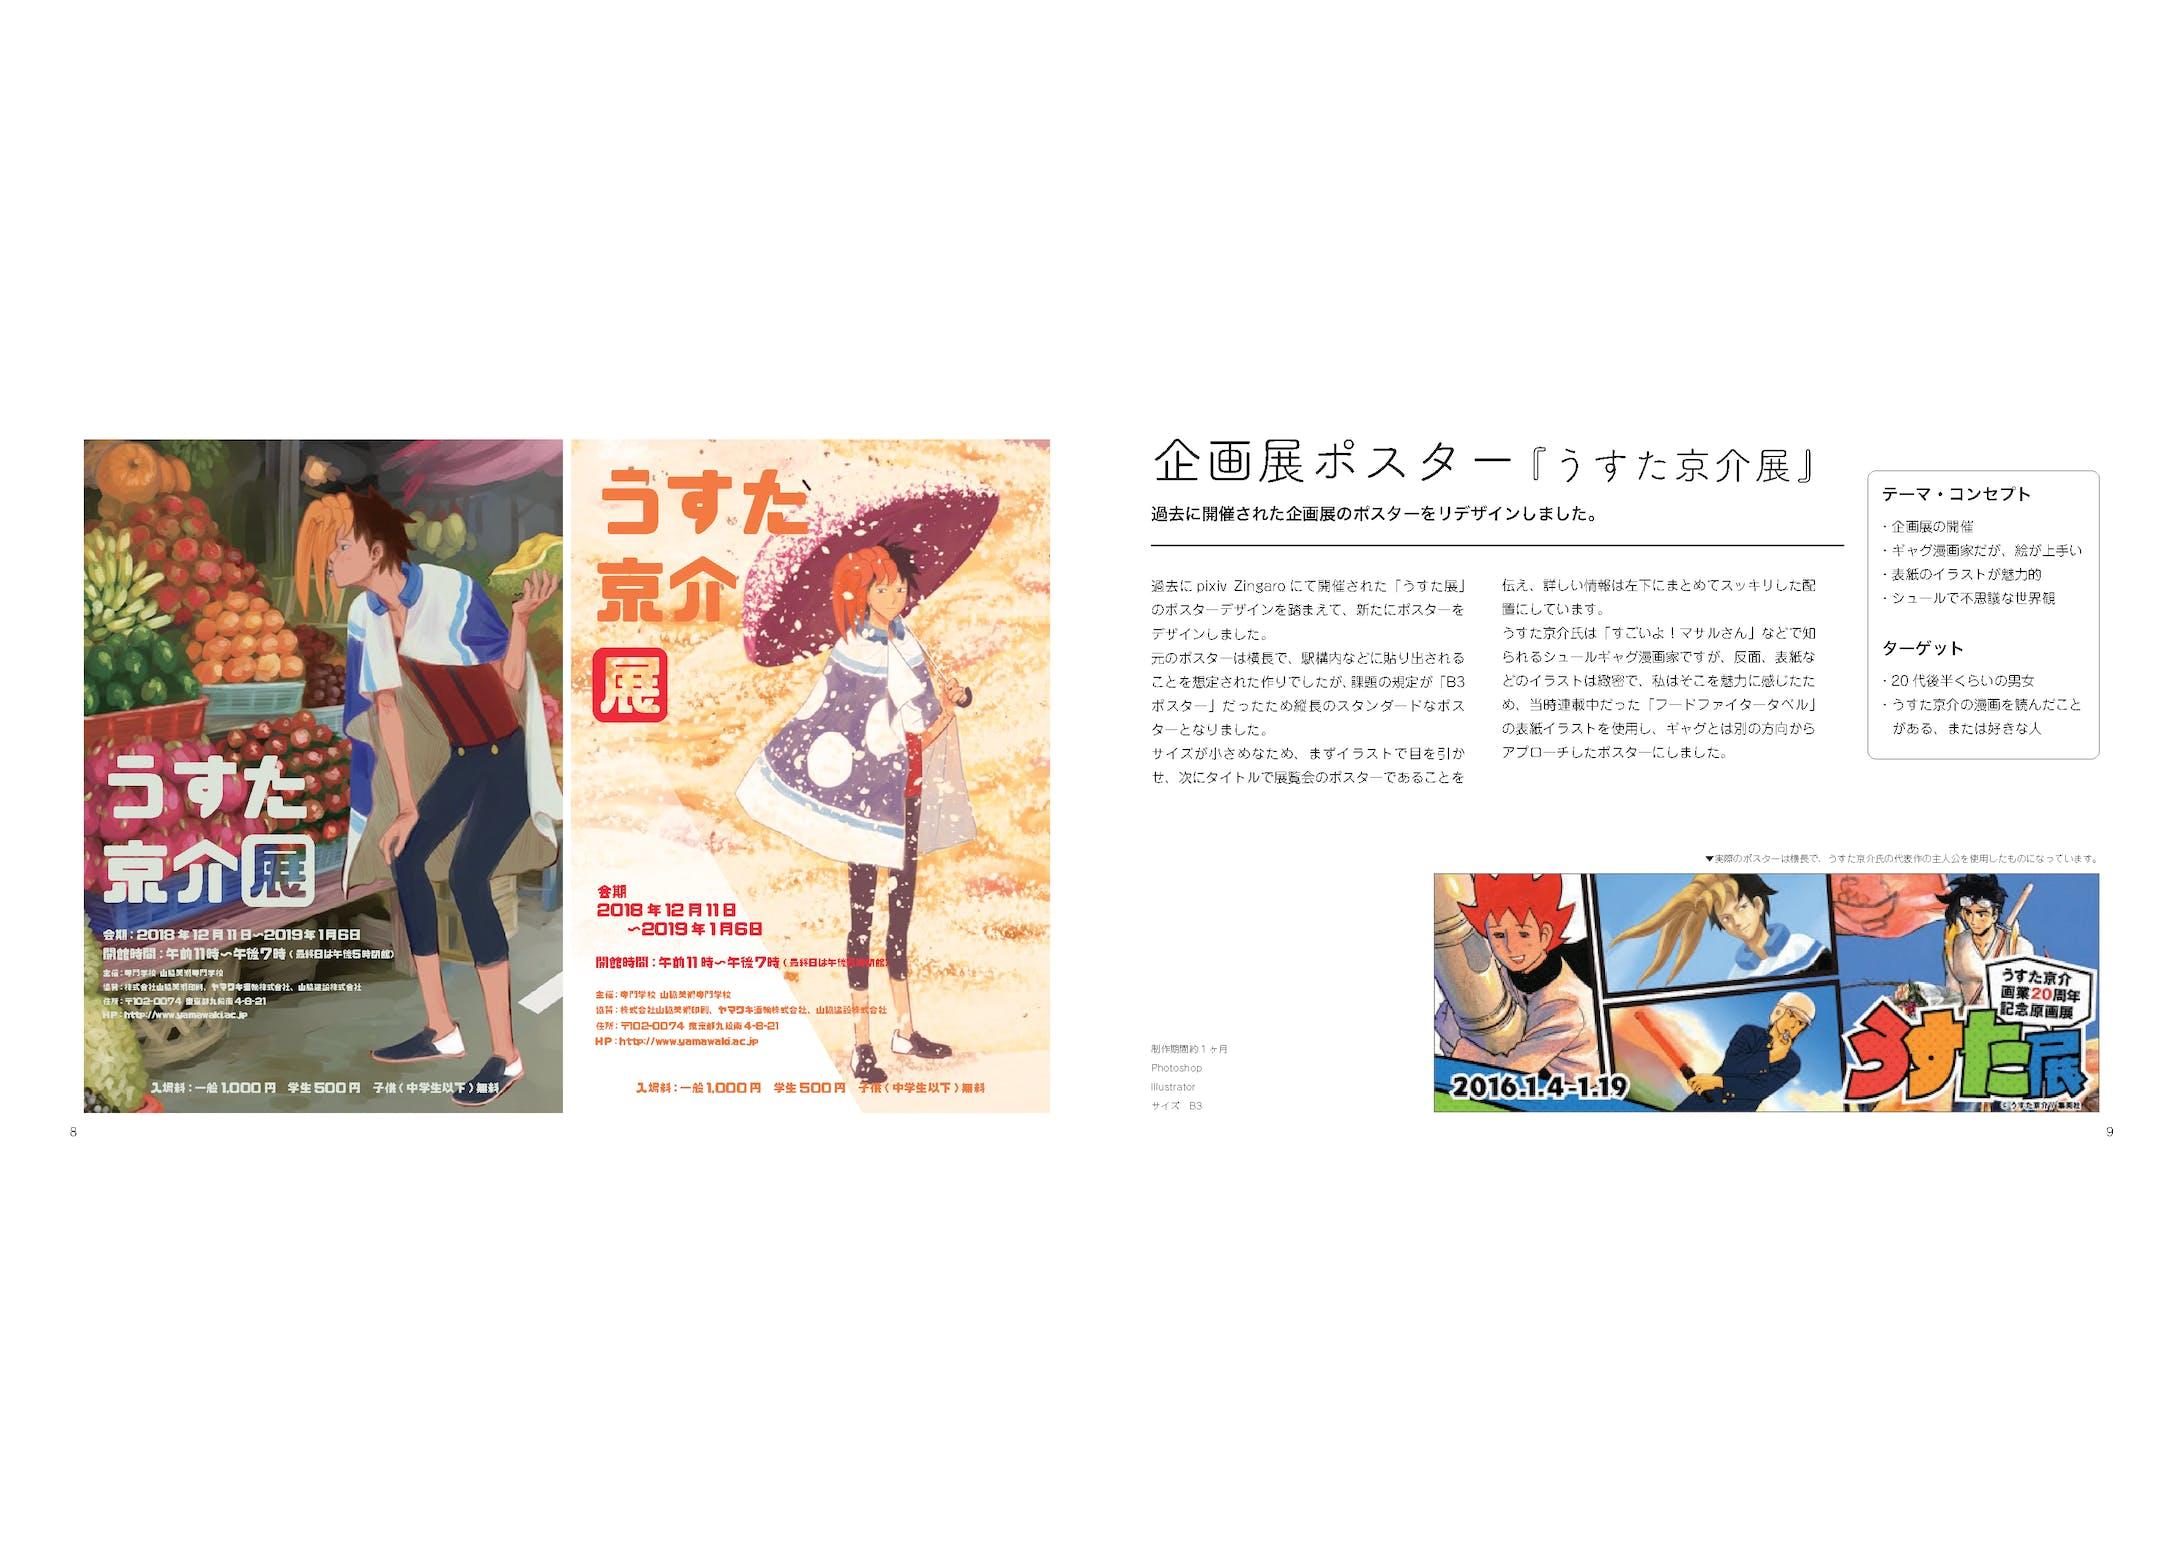 【お急ぎの方はこちら】紙版ポートフォリオ-5